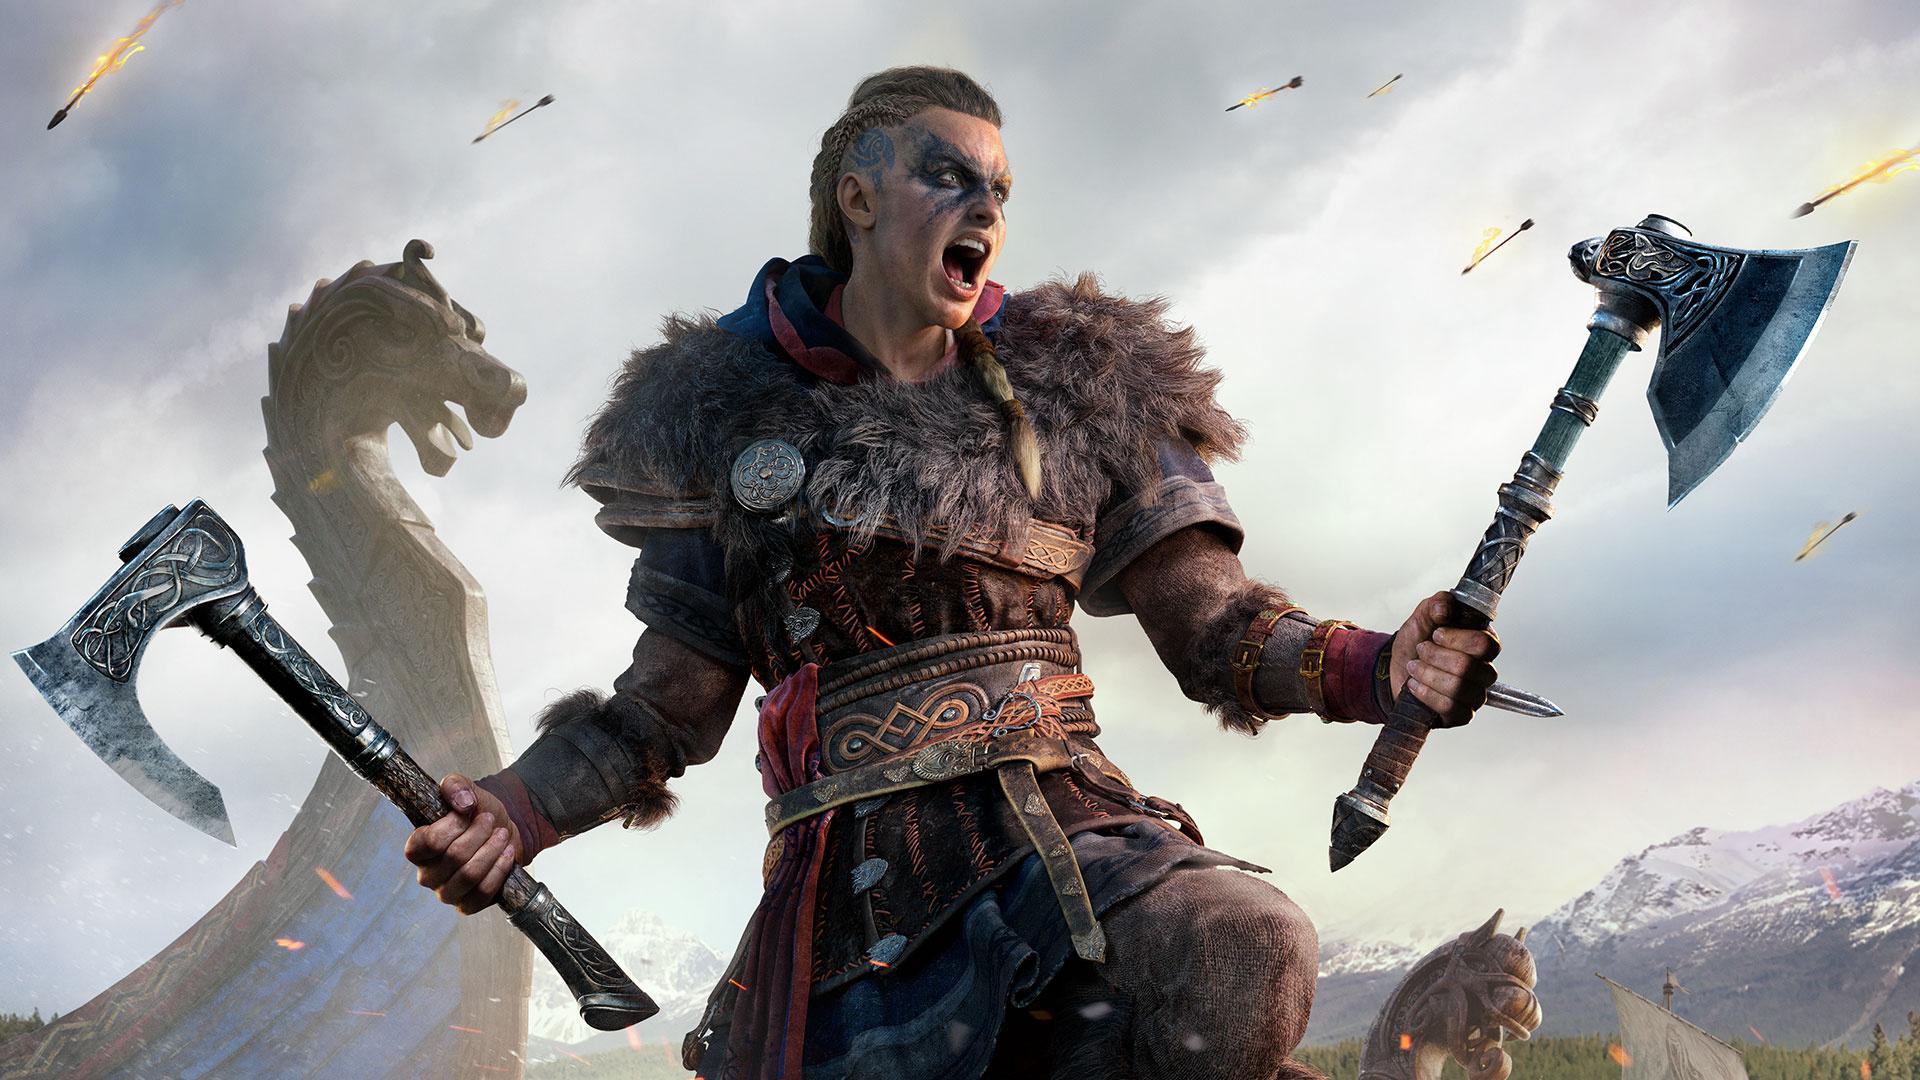 Во внутриигровом магазине Assassin's Creed Valhalla появились бустеры опыта